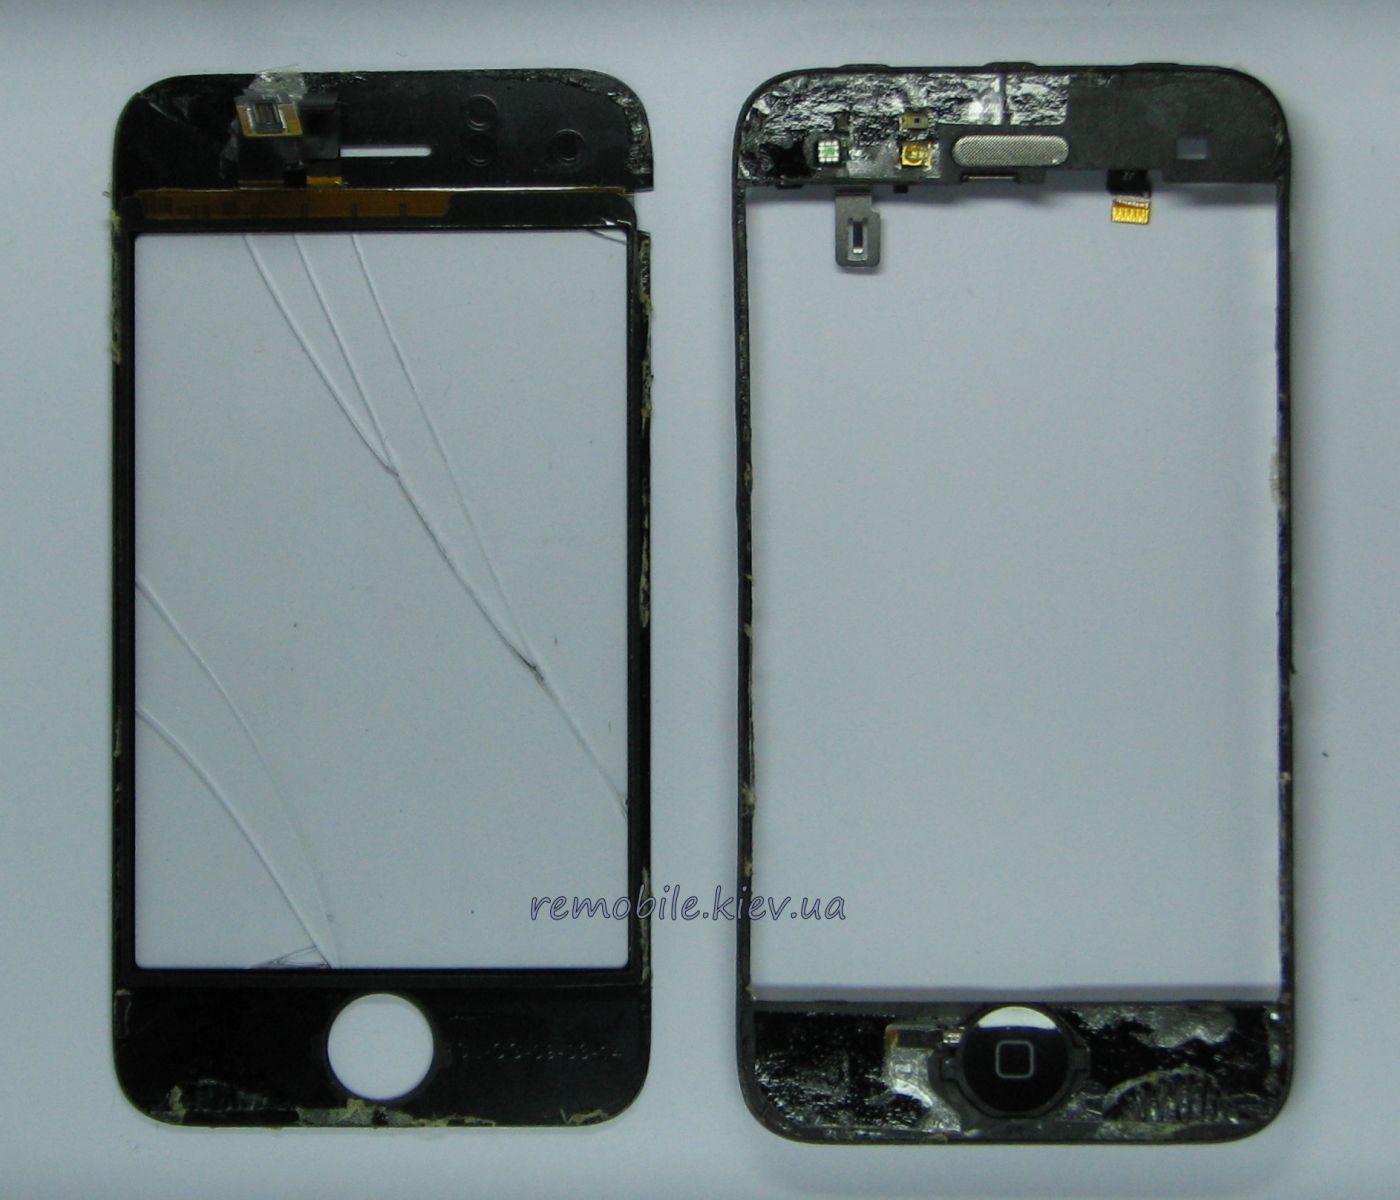 Замена экрана iphone 3gs сервисный центр samsung великие луки